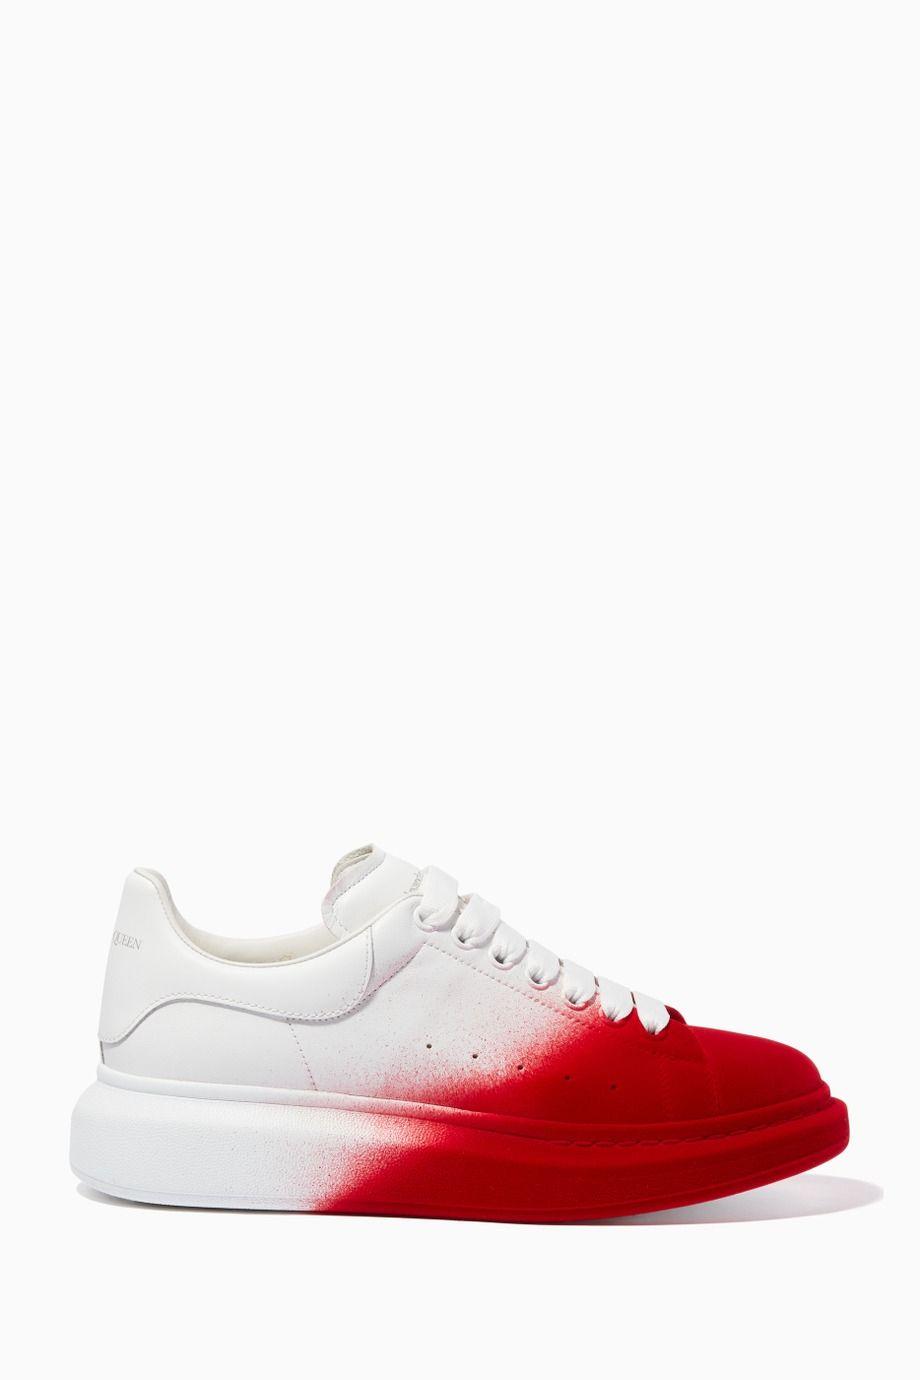 Men's Shoes | Hermès UAE